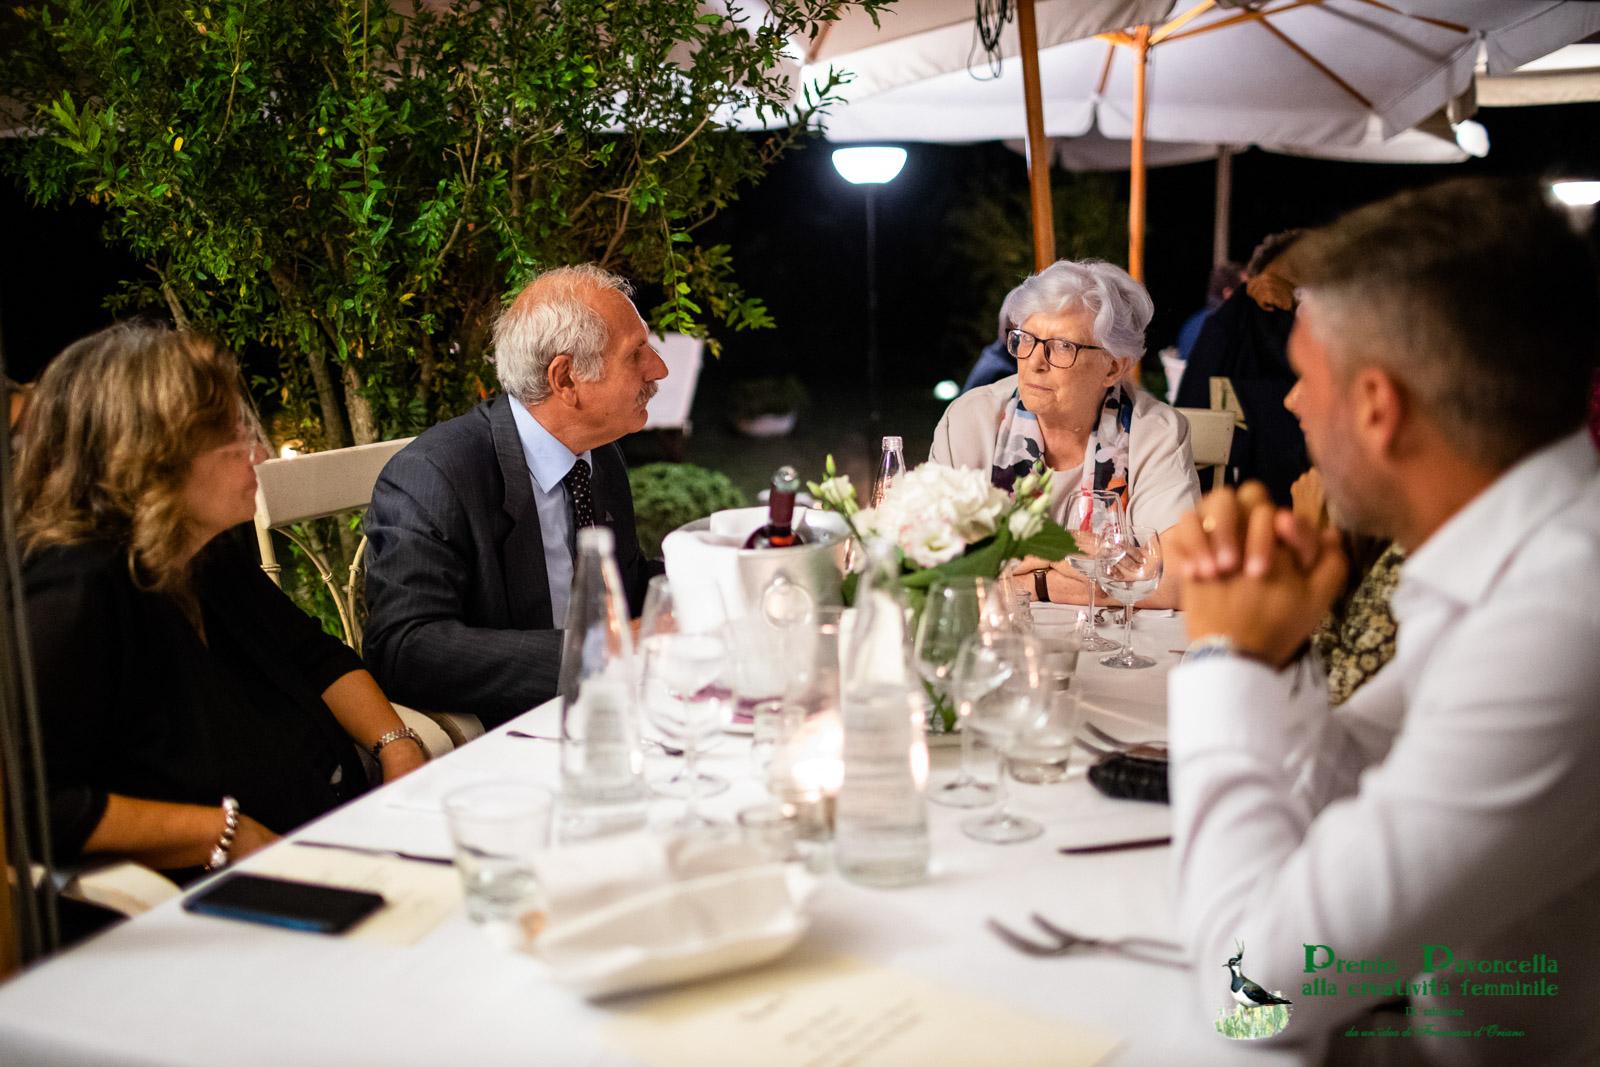 Il presidente Antonio Ricciardi e la senatrice Paola Binetti in un momento della serata di gala al San Francesco